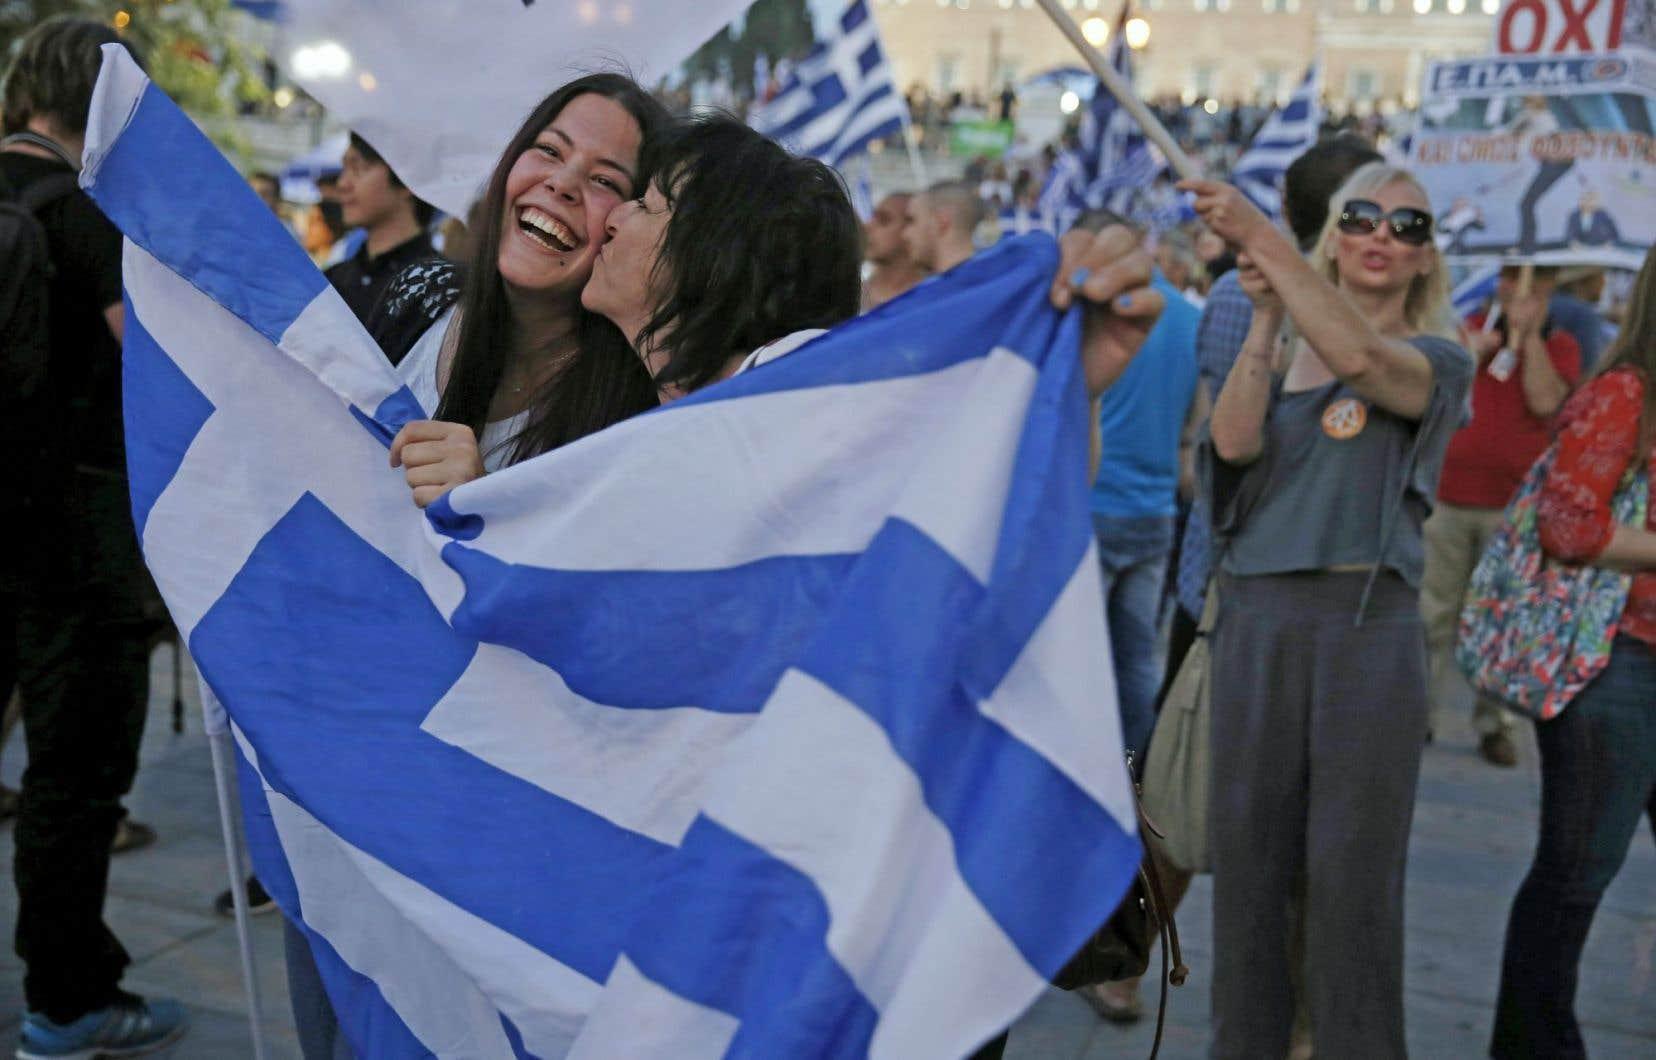 Des partisanes d'Alexis Tsipras célèbrent les résultats préliminaires donnant le Non vainqueur. Des milliers d'Athéniens ont fêté dans la nuit la victoire massive du Non au référendum sur les exigences des créanciers de la Grèce, avec l'espoir d'un avenir meilleur.